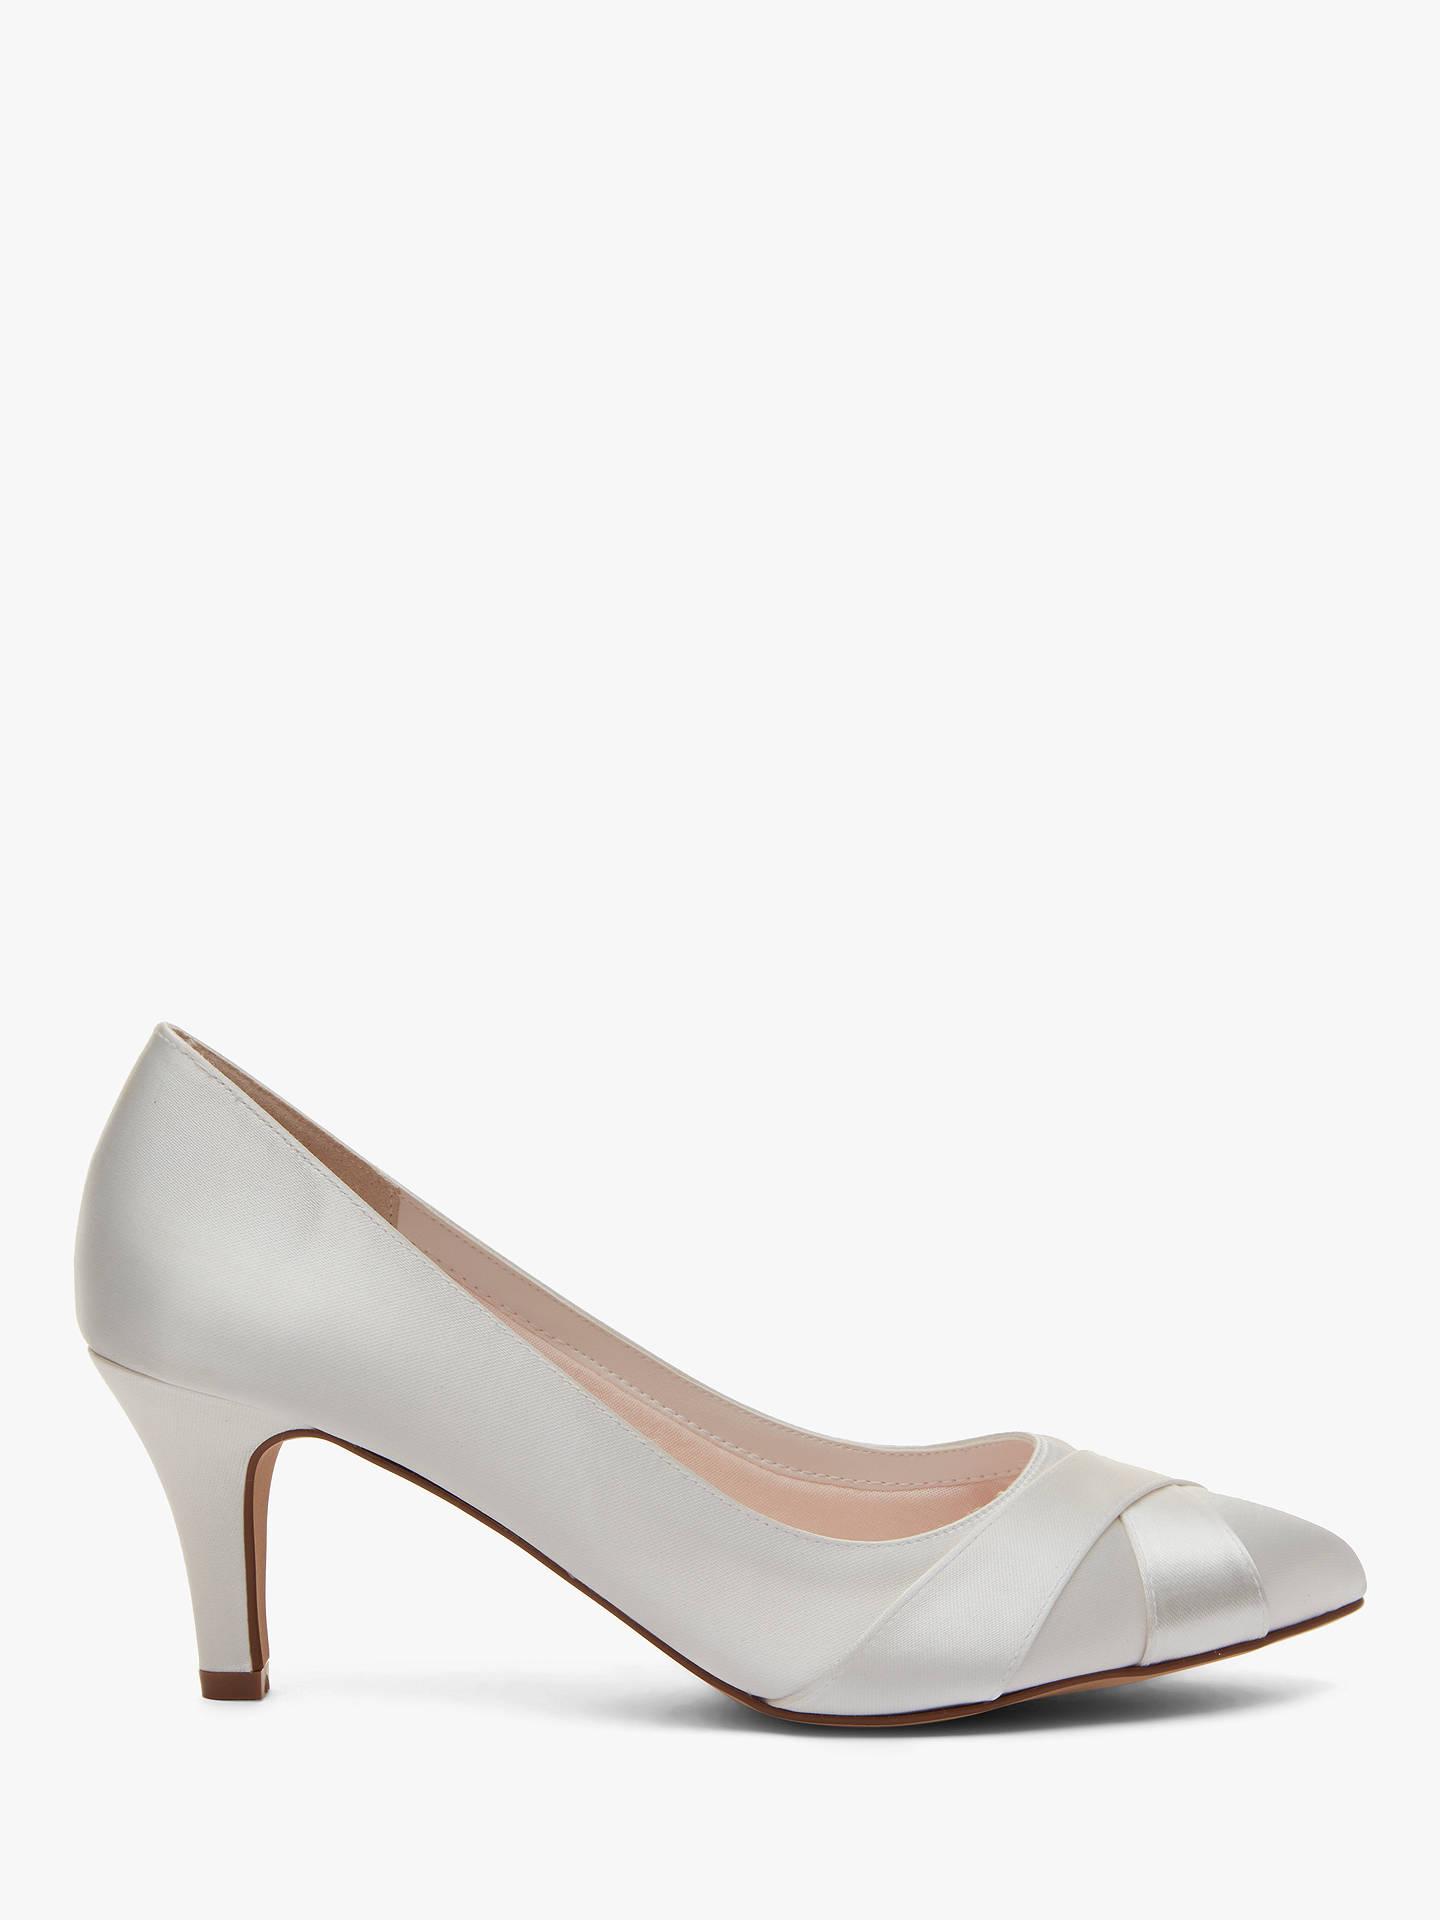 21b4d1e66272 Buy Rainbow Club Lexi Satin Toe Point Court Shoes